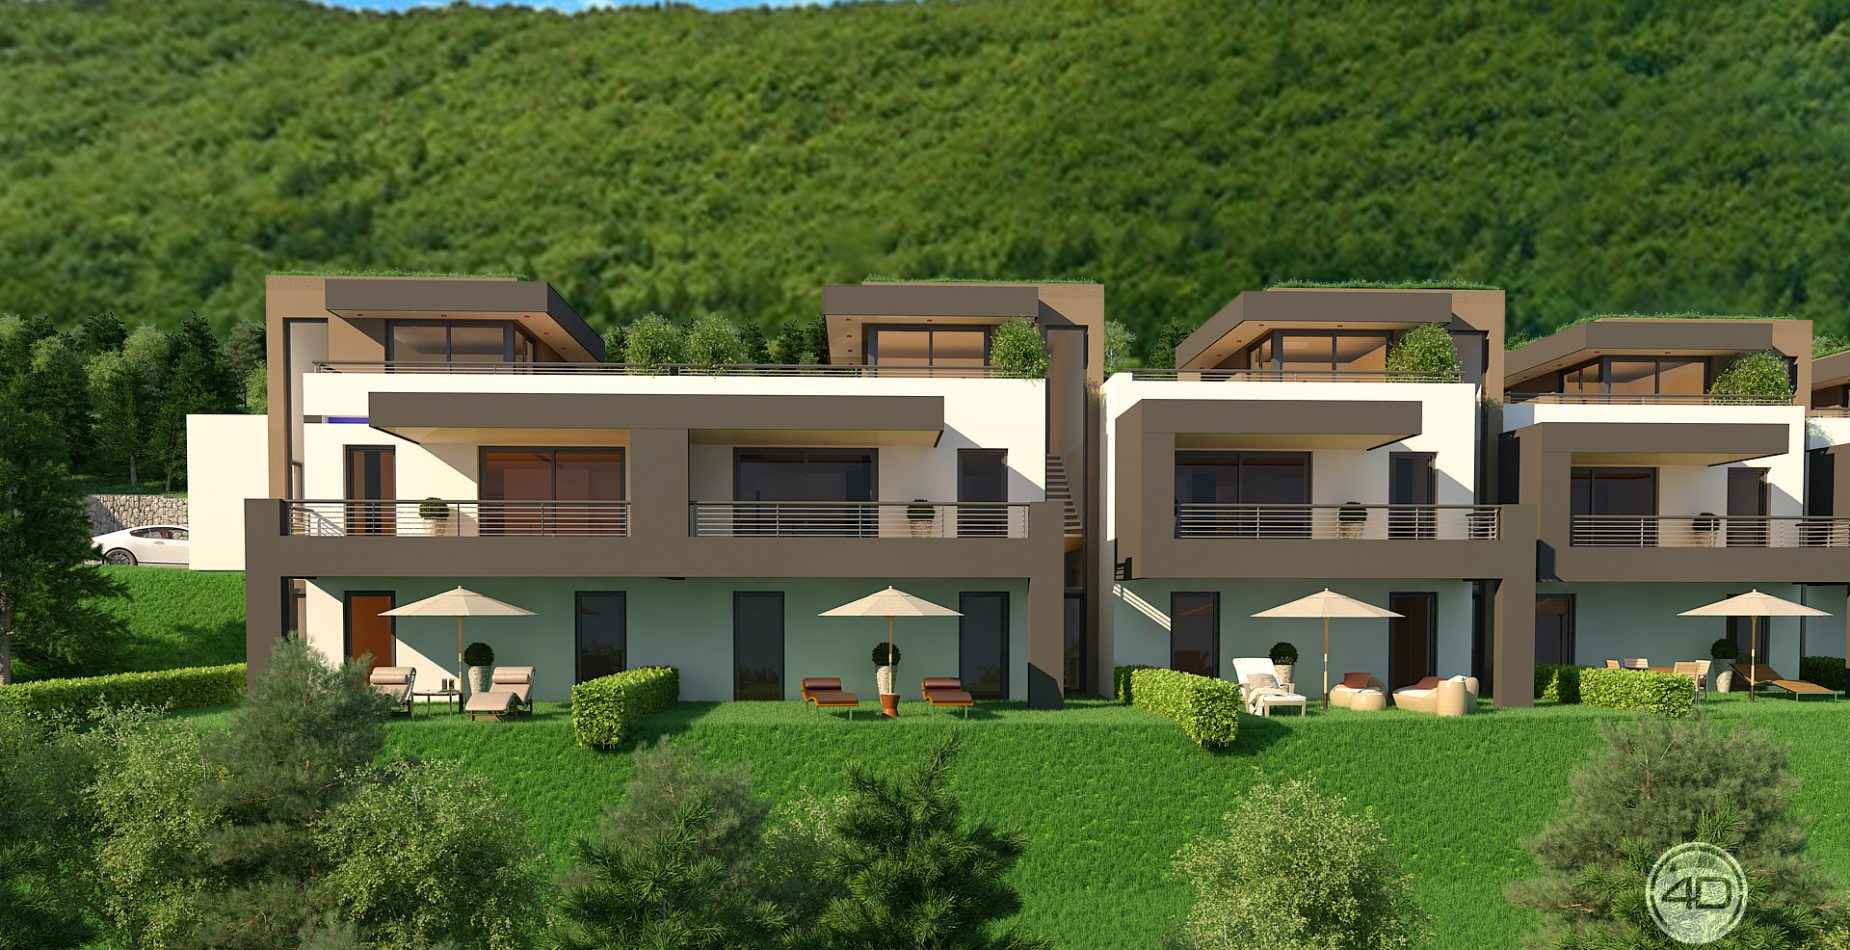 Edificio_4D-univers-townhouse_lac_annecy_3D-villa_00010